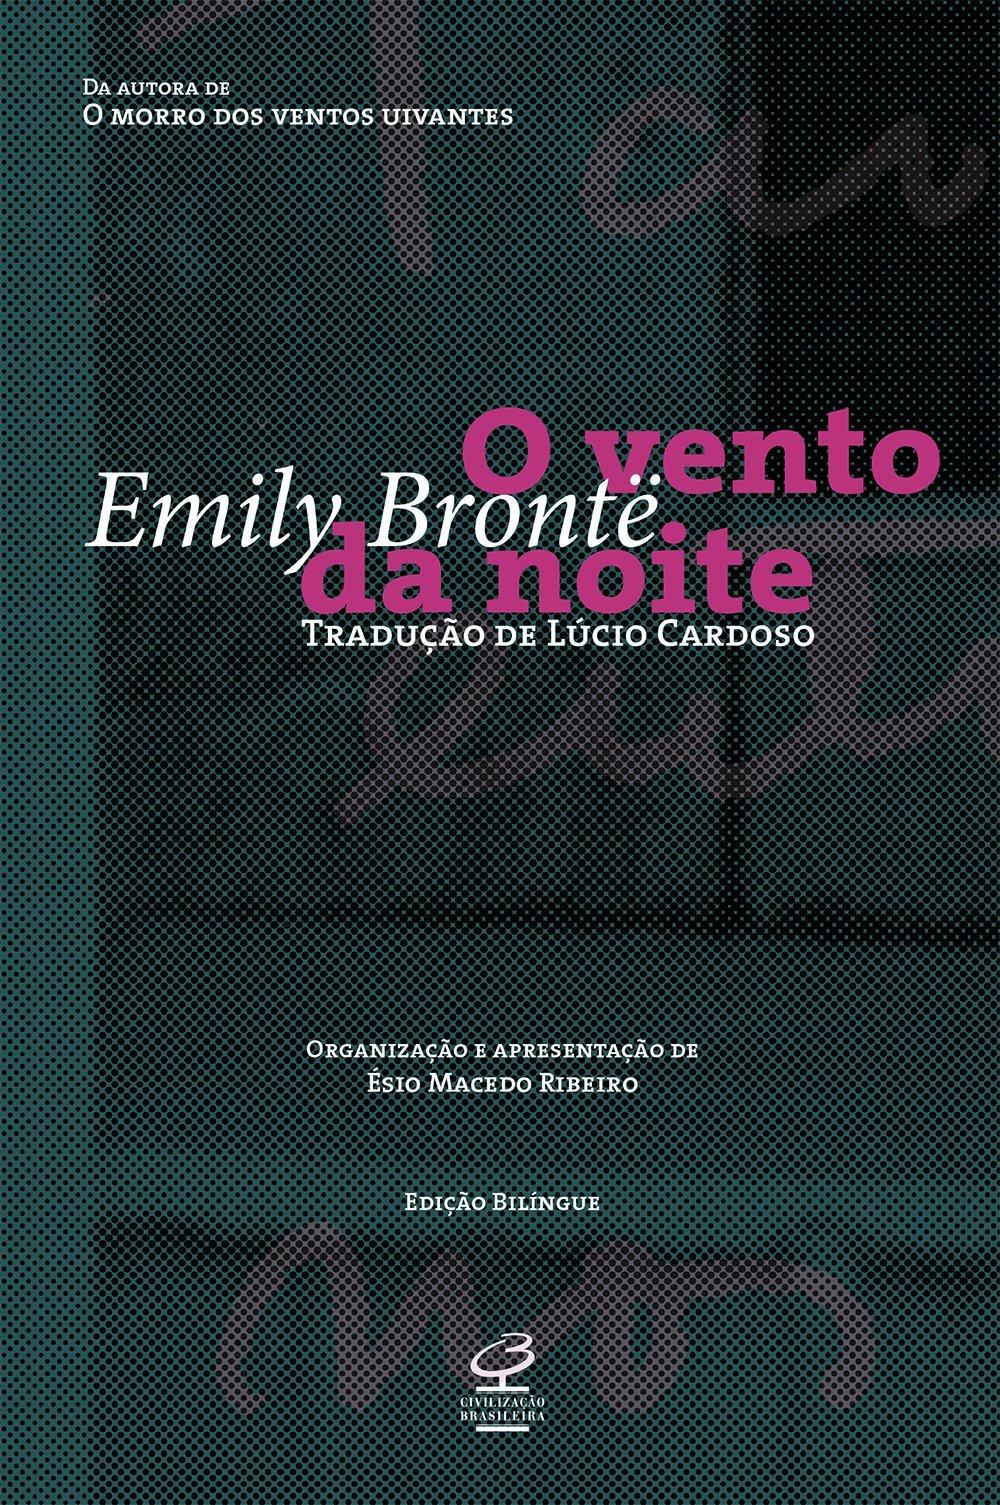 O vento da noite - Emily Bronte